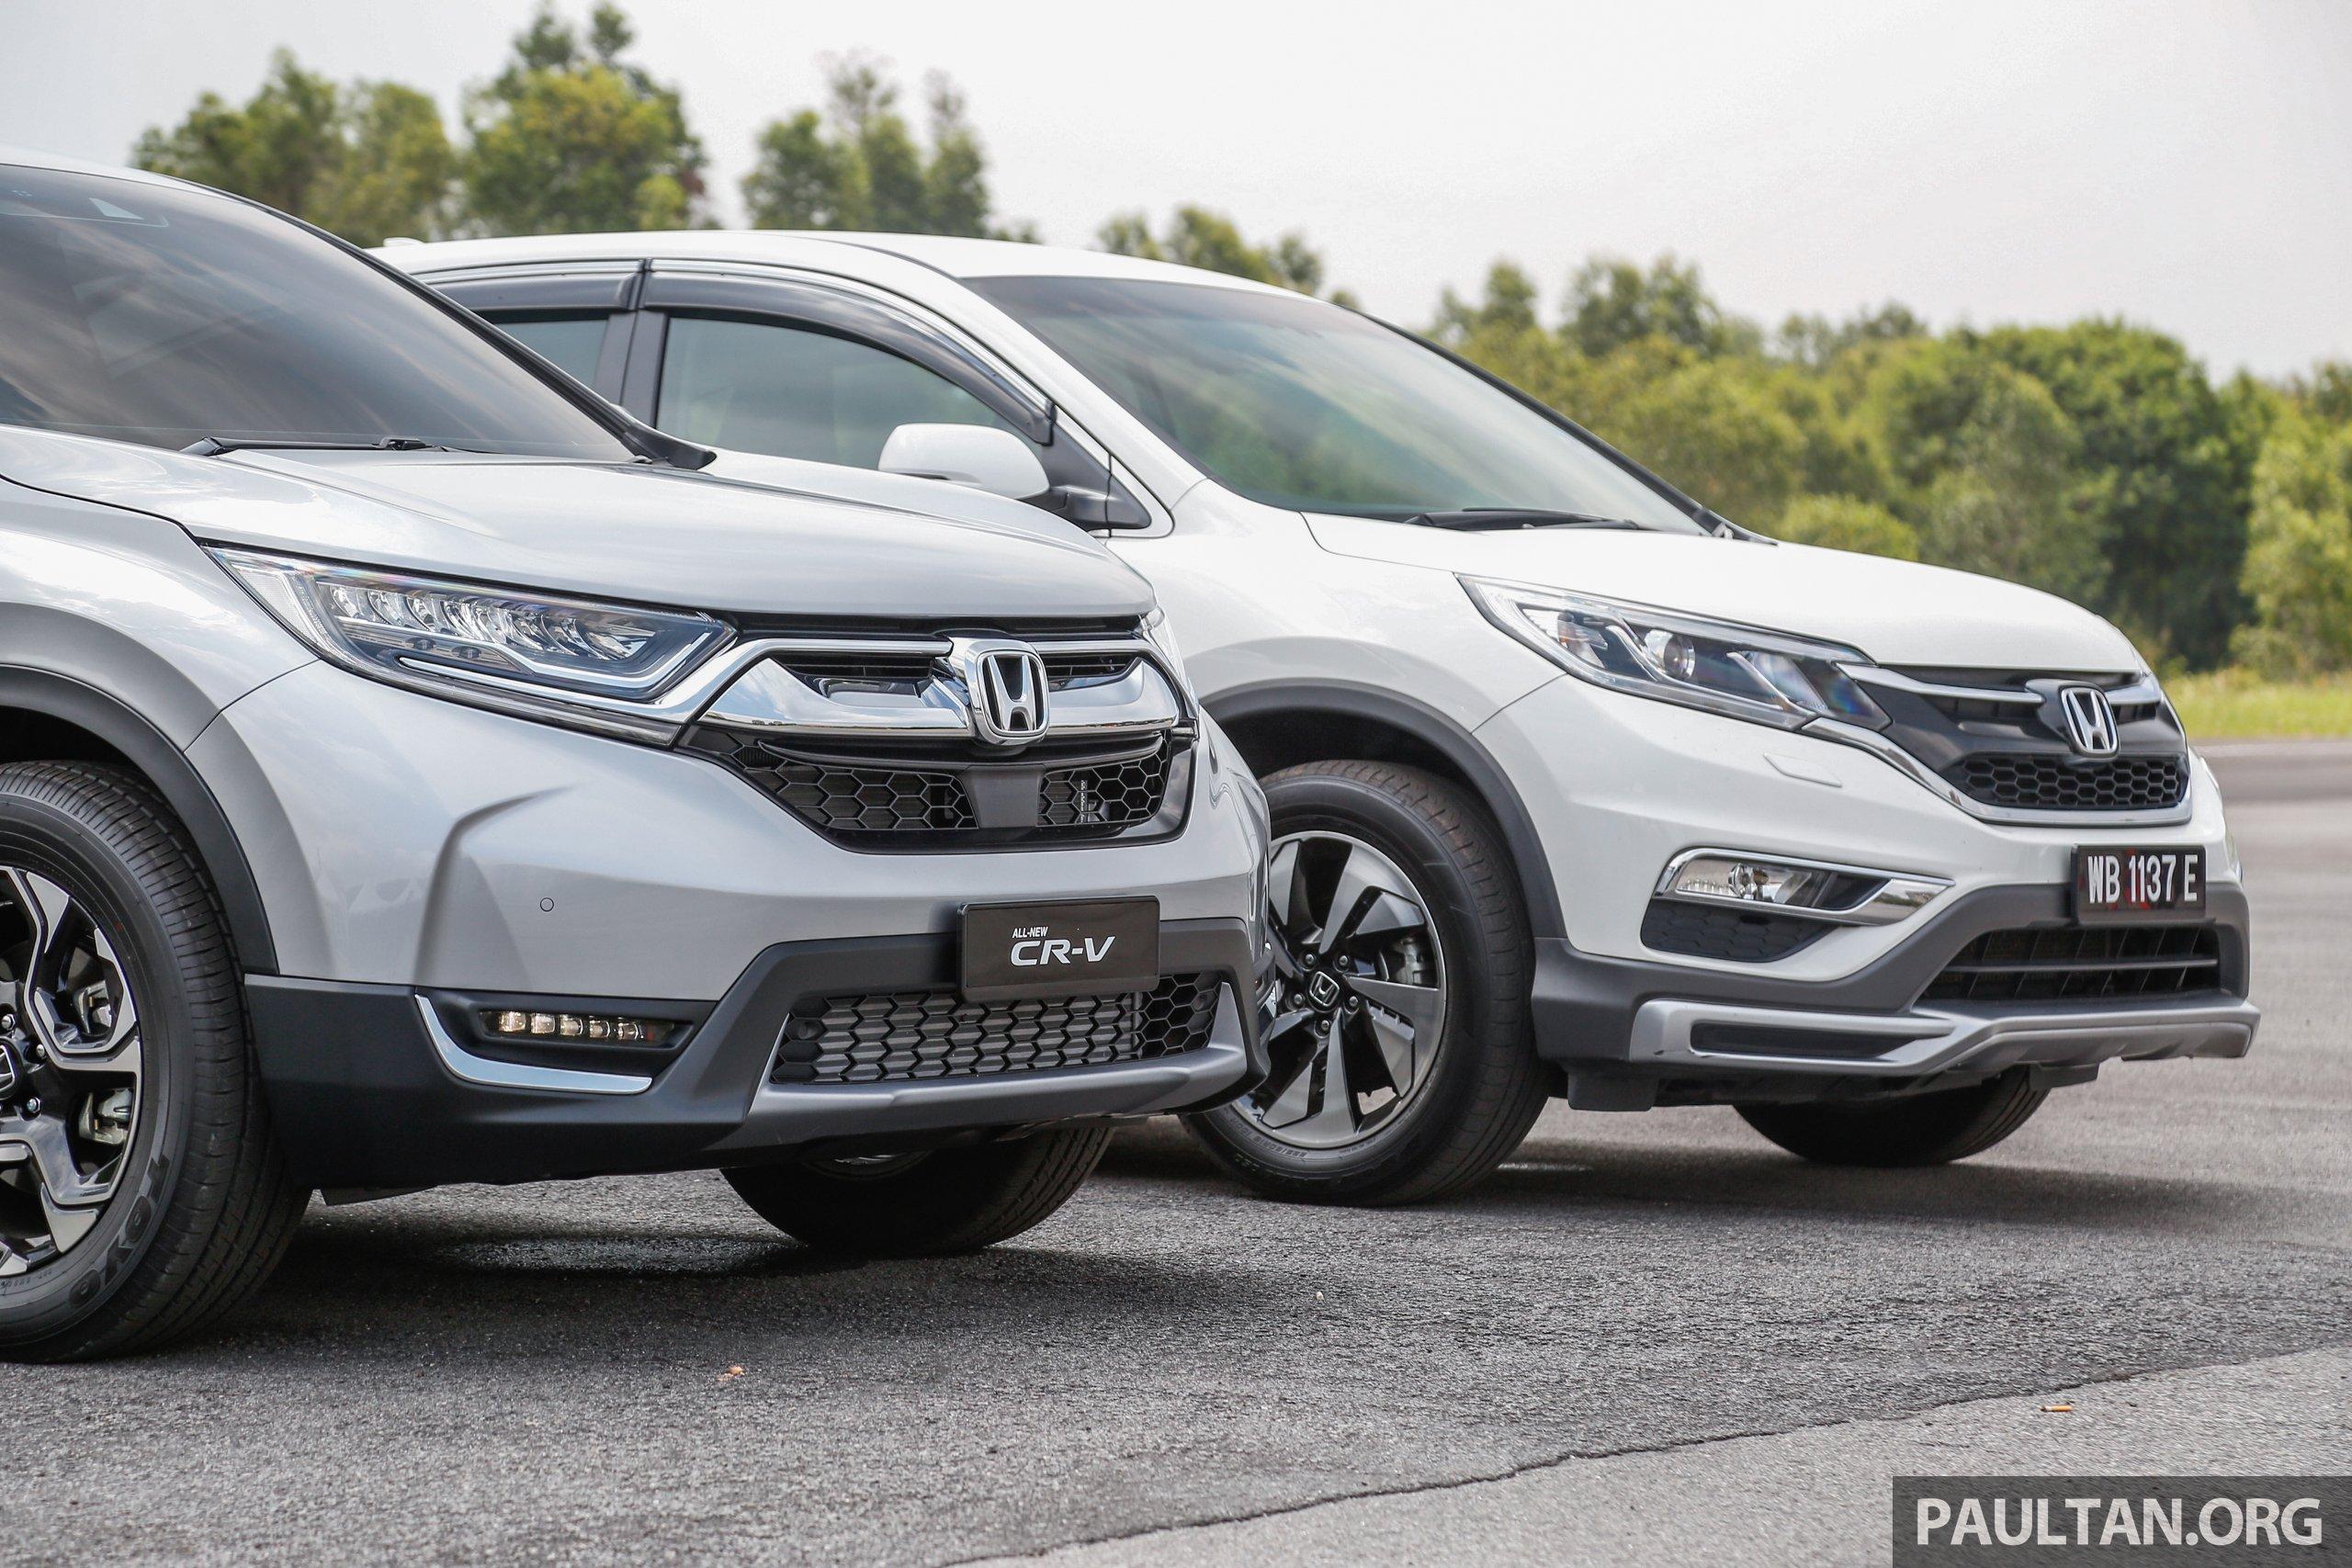 汽车图集:honda Cr V 四代和五代新旧车型外观对比。 Honda Cr V Newvsold 2